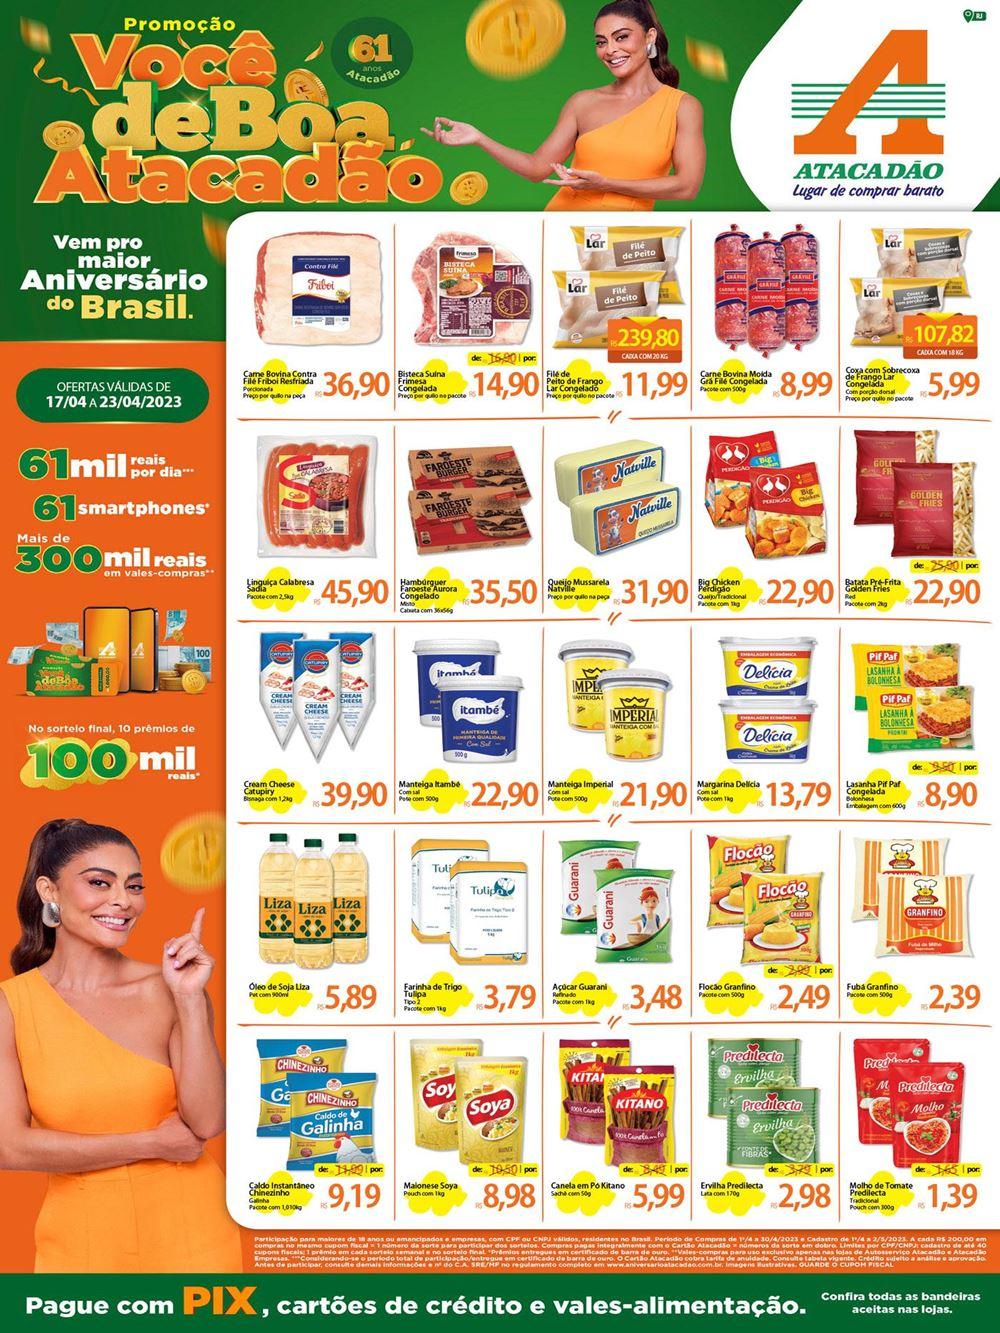 atacadao-ofertas-descontos-hoje20-23 Ceará